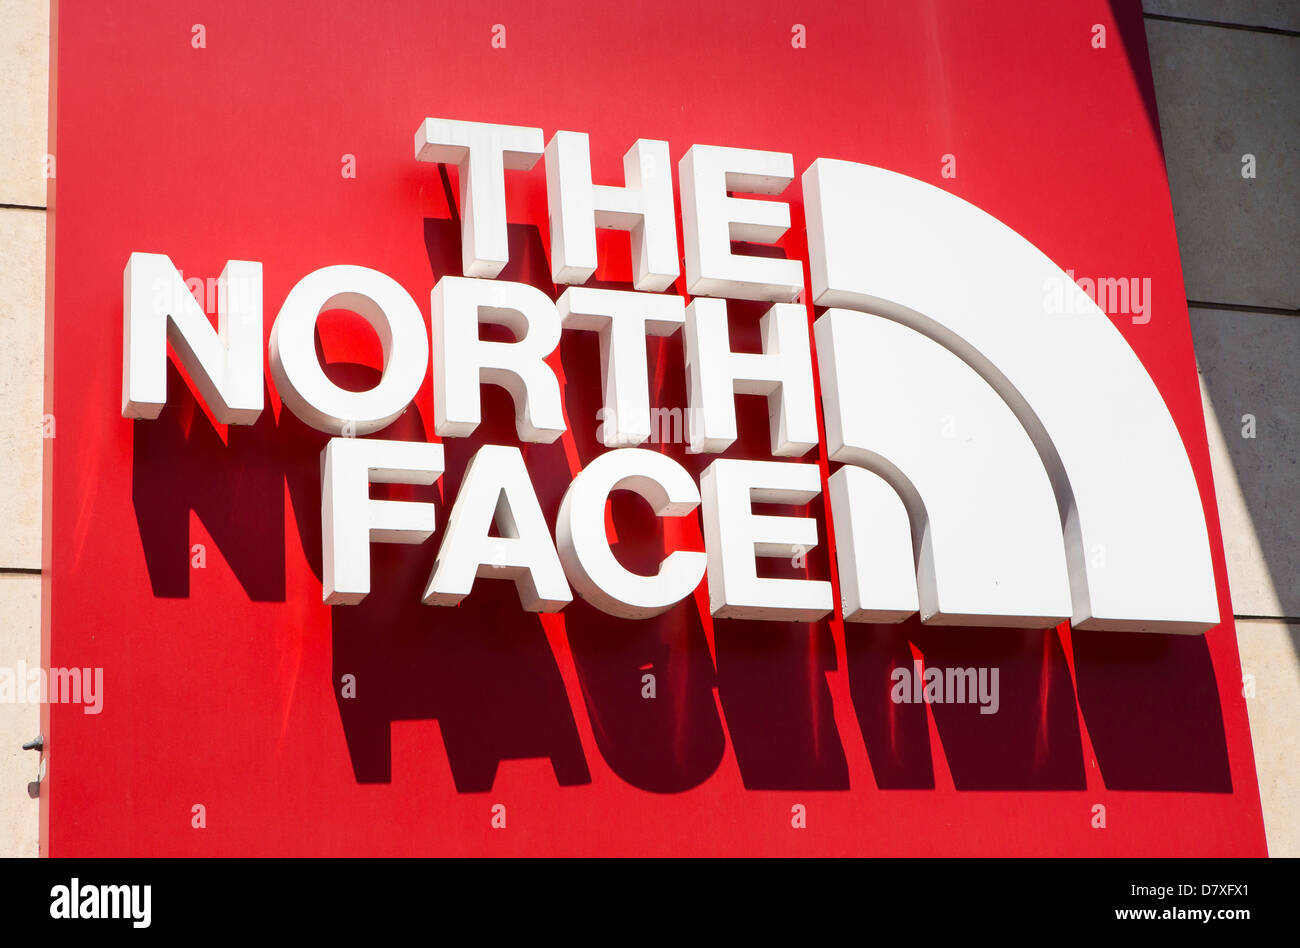 tienda north face cdmx